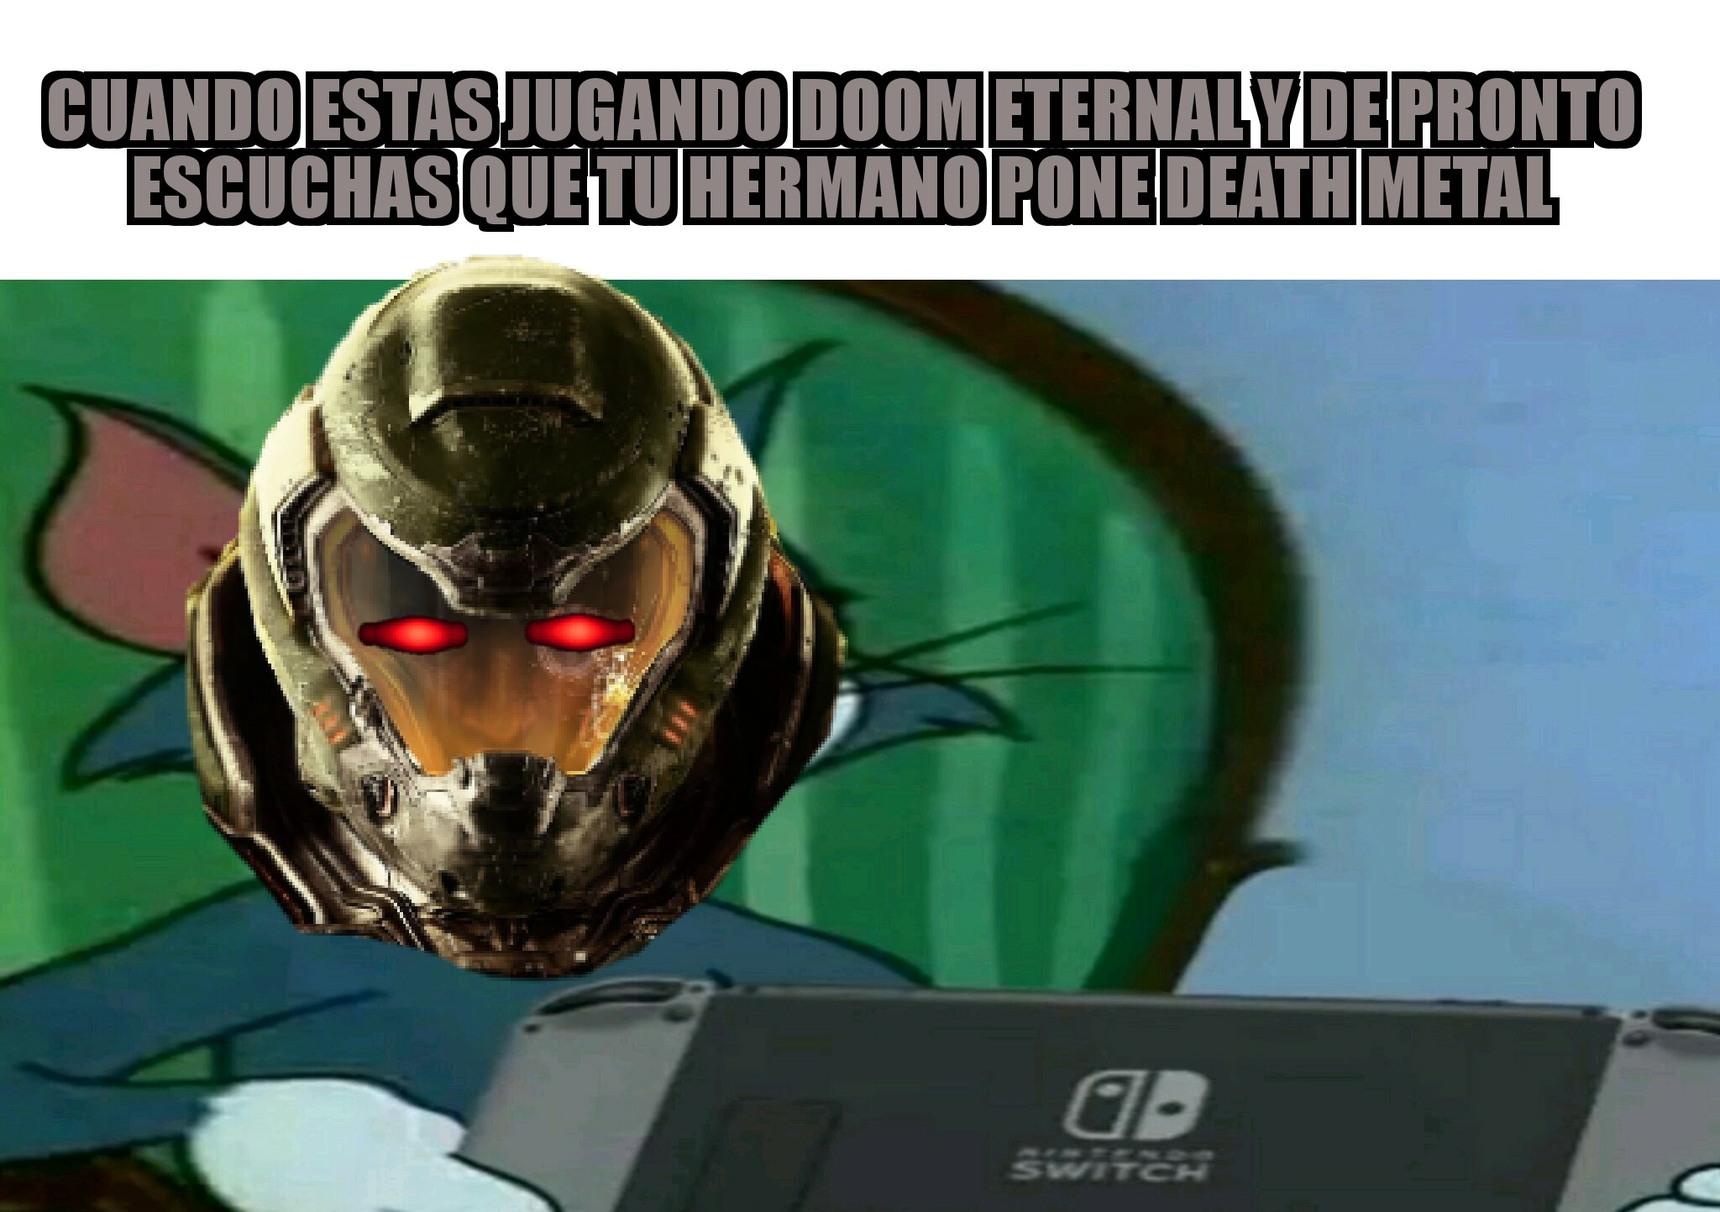 Ya no puedo esperar para que salga Doom eternal - meme